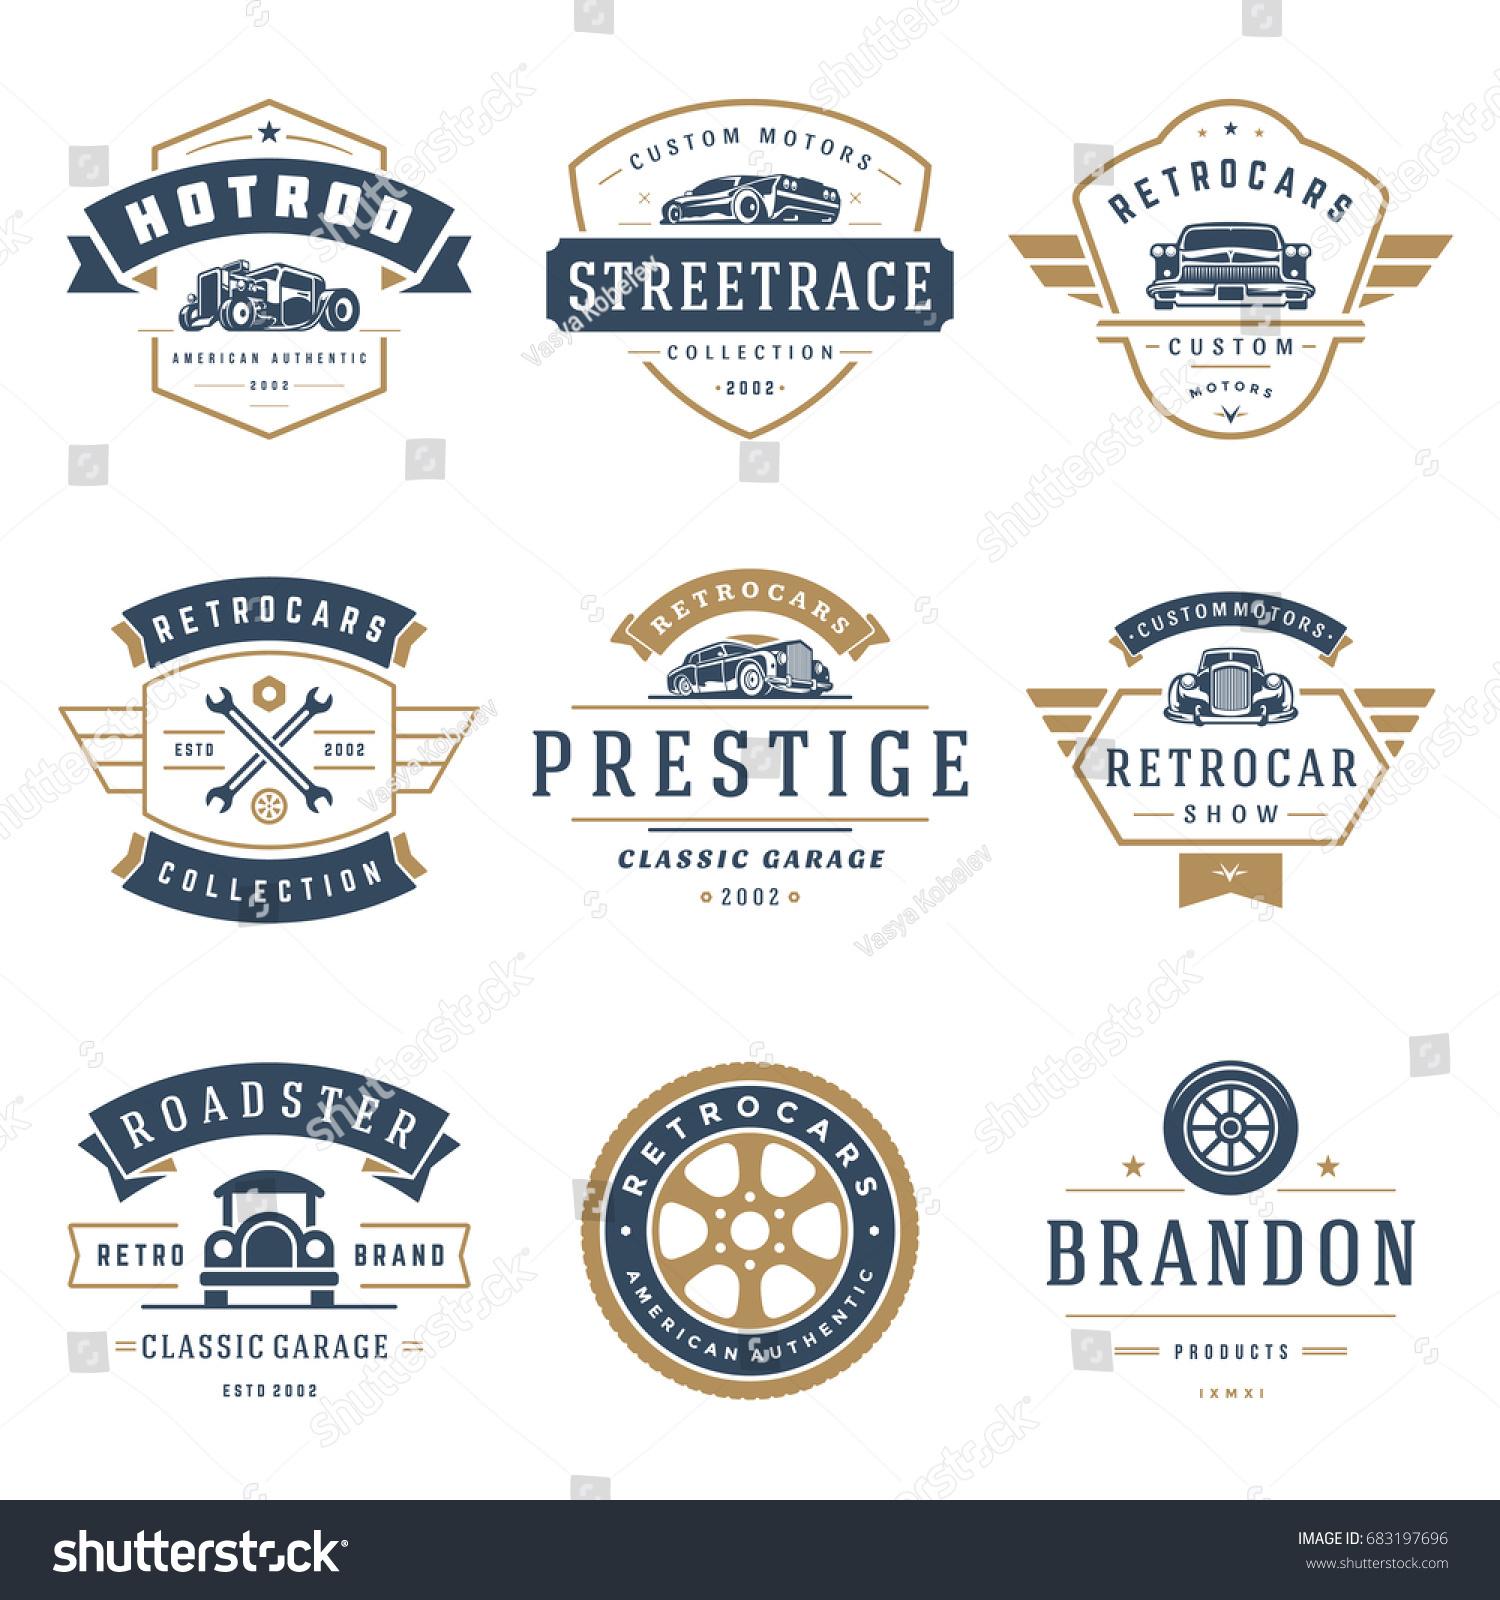 Car Logos Templates Vector Design Elements Stock Vector